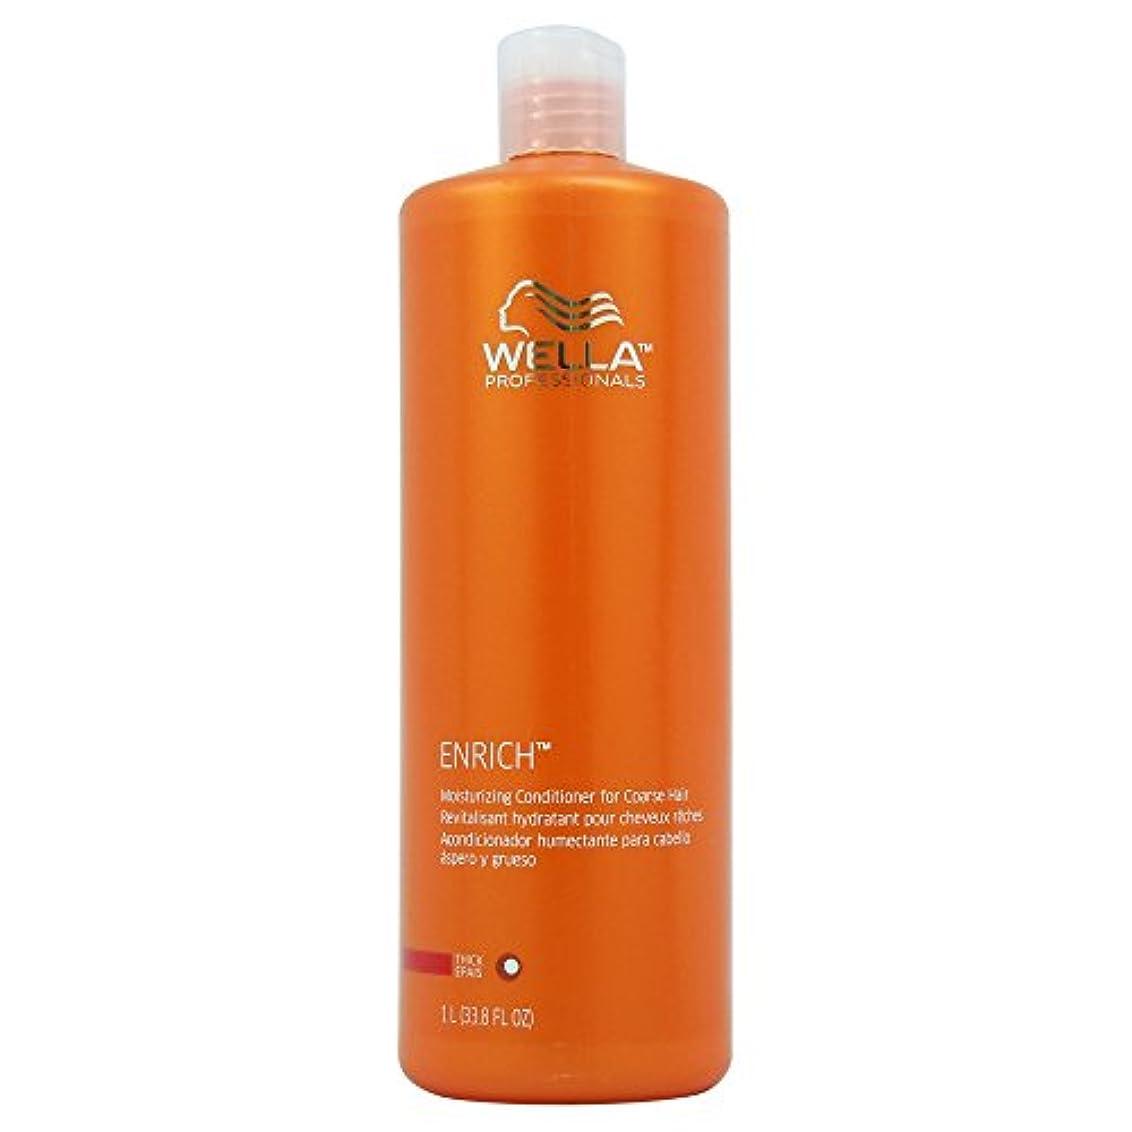 食事それから早熟Wella Enriched Moisturizing Conditioner for Coarse Hair for Unisex, 33.8 Ounce by Wella